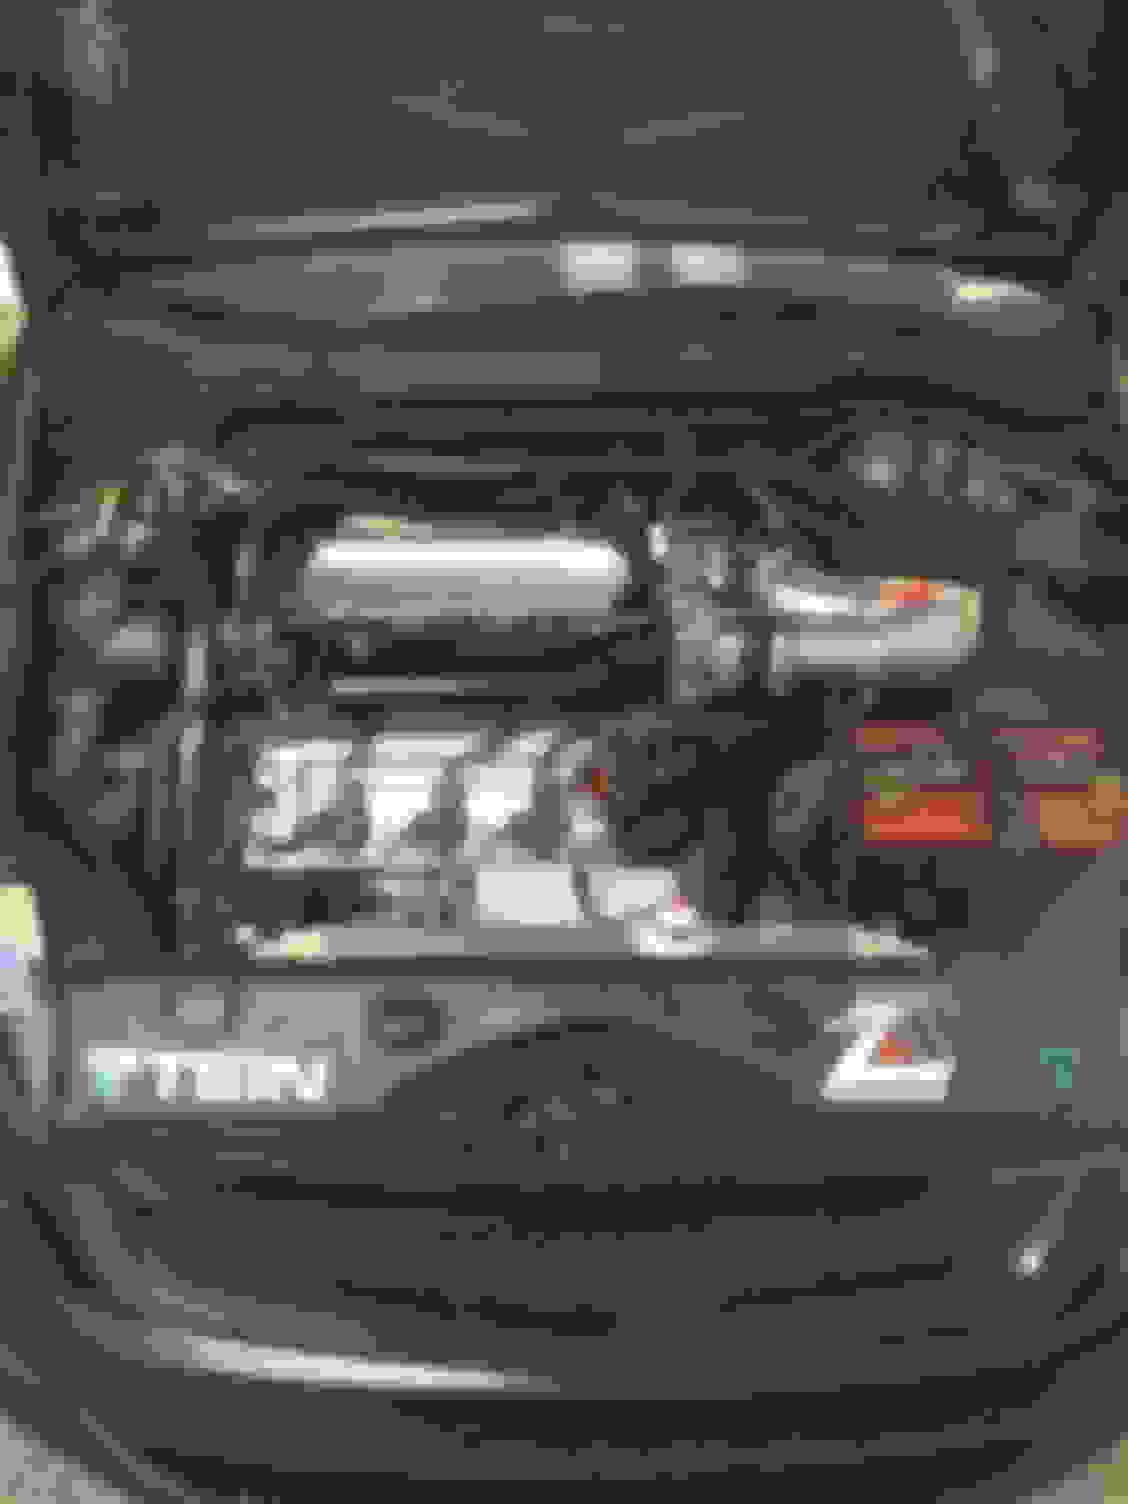 Accord325 6-6 Build - AcuraZine - Acura Enthusiast Community